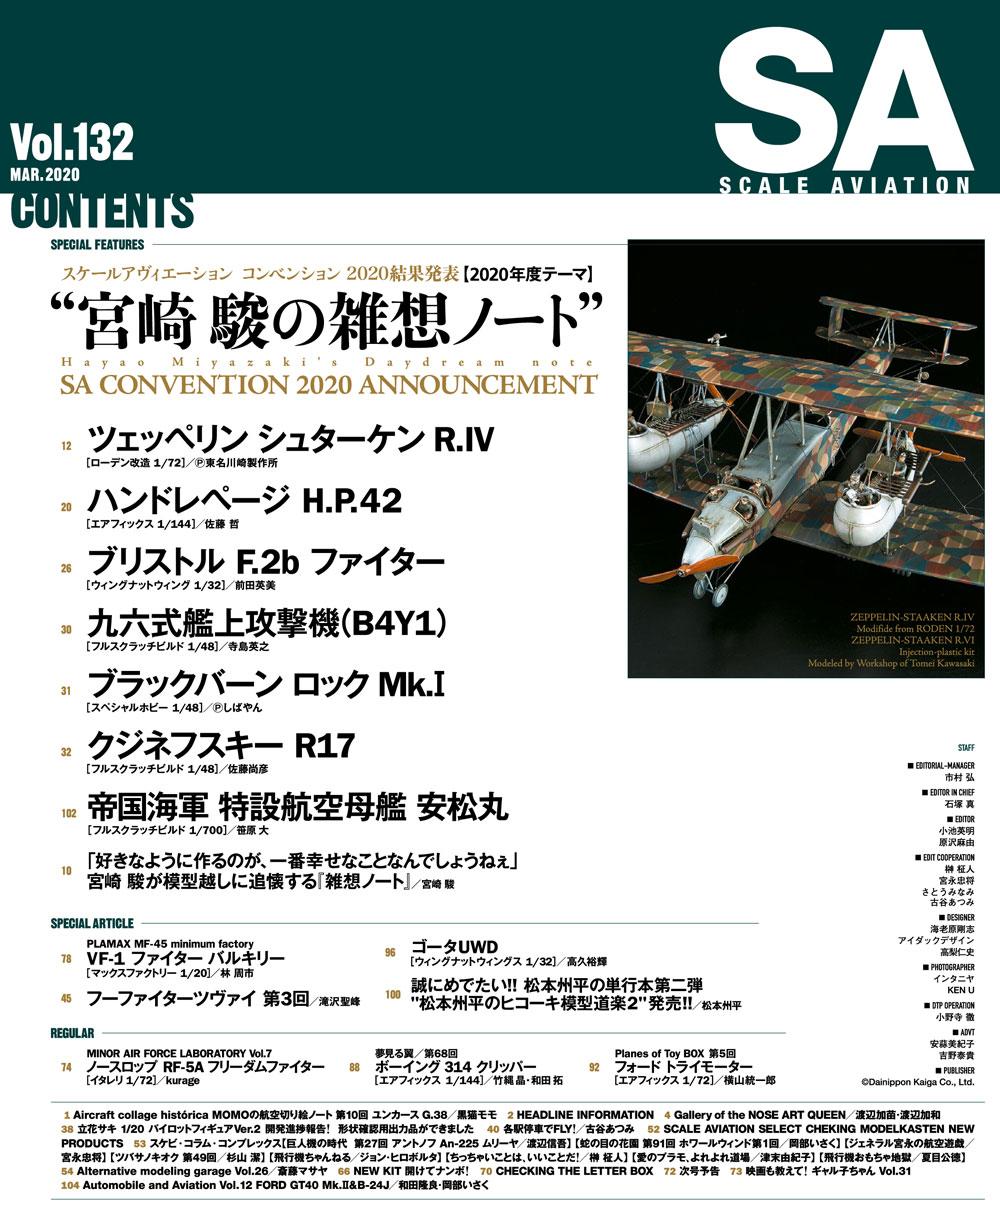 スケール アヴィエーション 2020年3月号雑誌(大日本絵画Scale AviationNo.Vol.132)商品画像_1